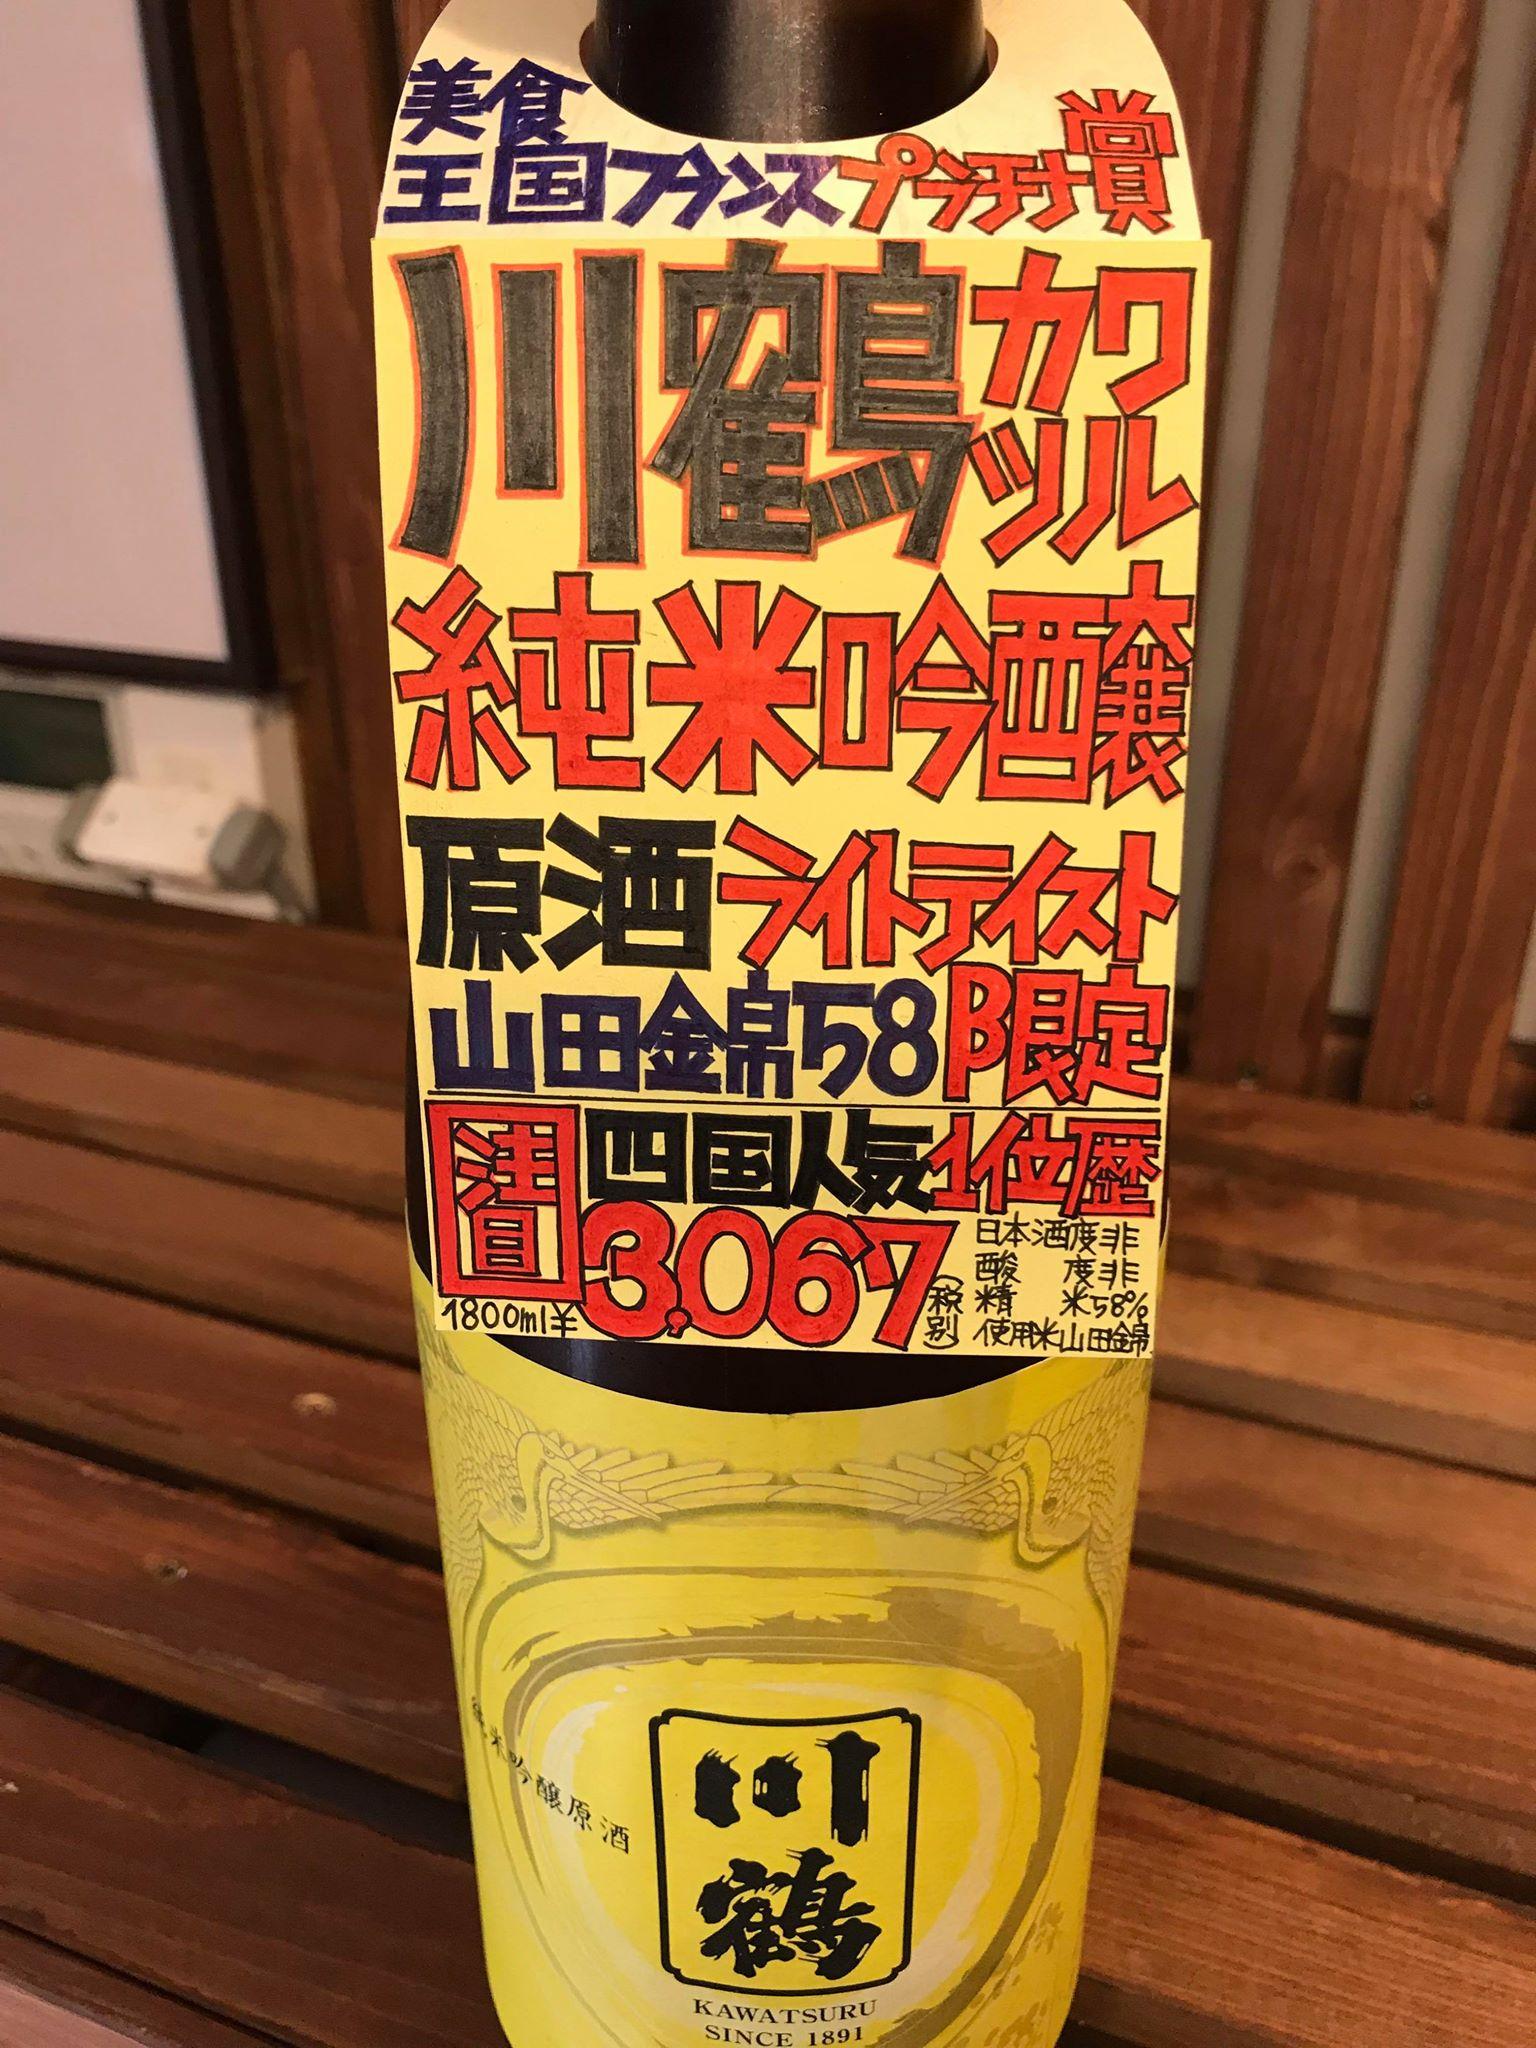 【日本酒】川鶴 light~power the taste~ 純米吟醸酒 限定 29BY_e0173738_1085775.jpg